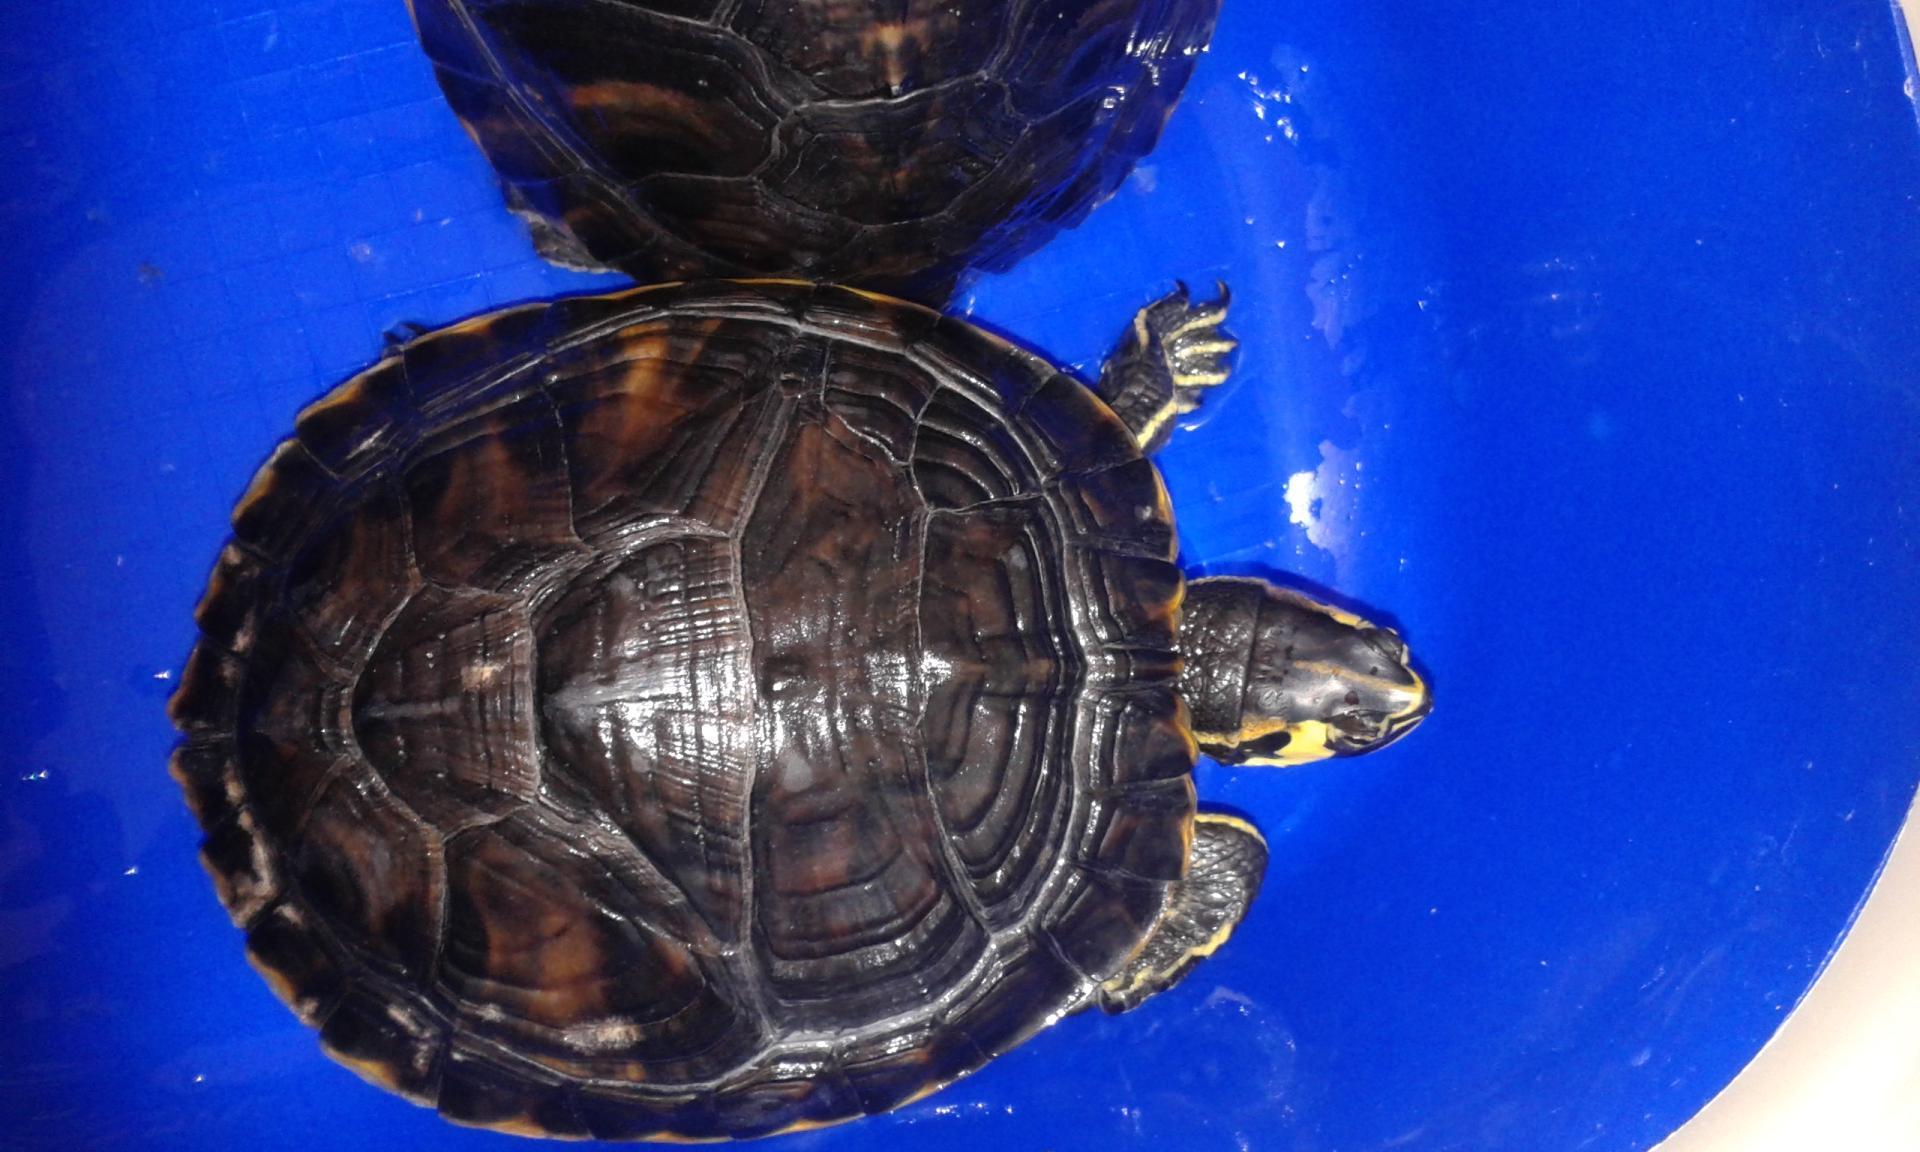 Quel âge à cette tortue ?